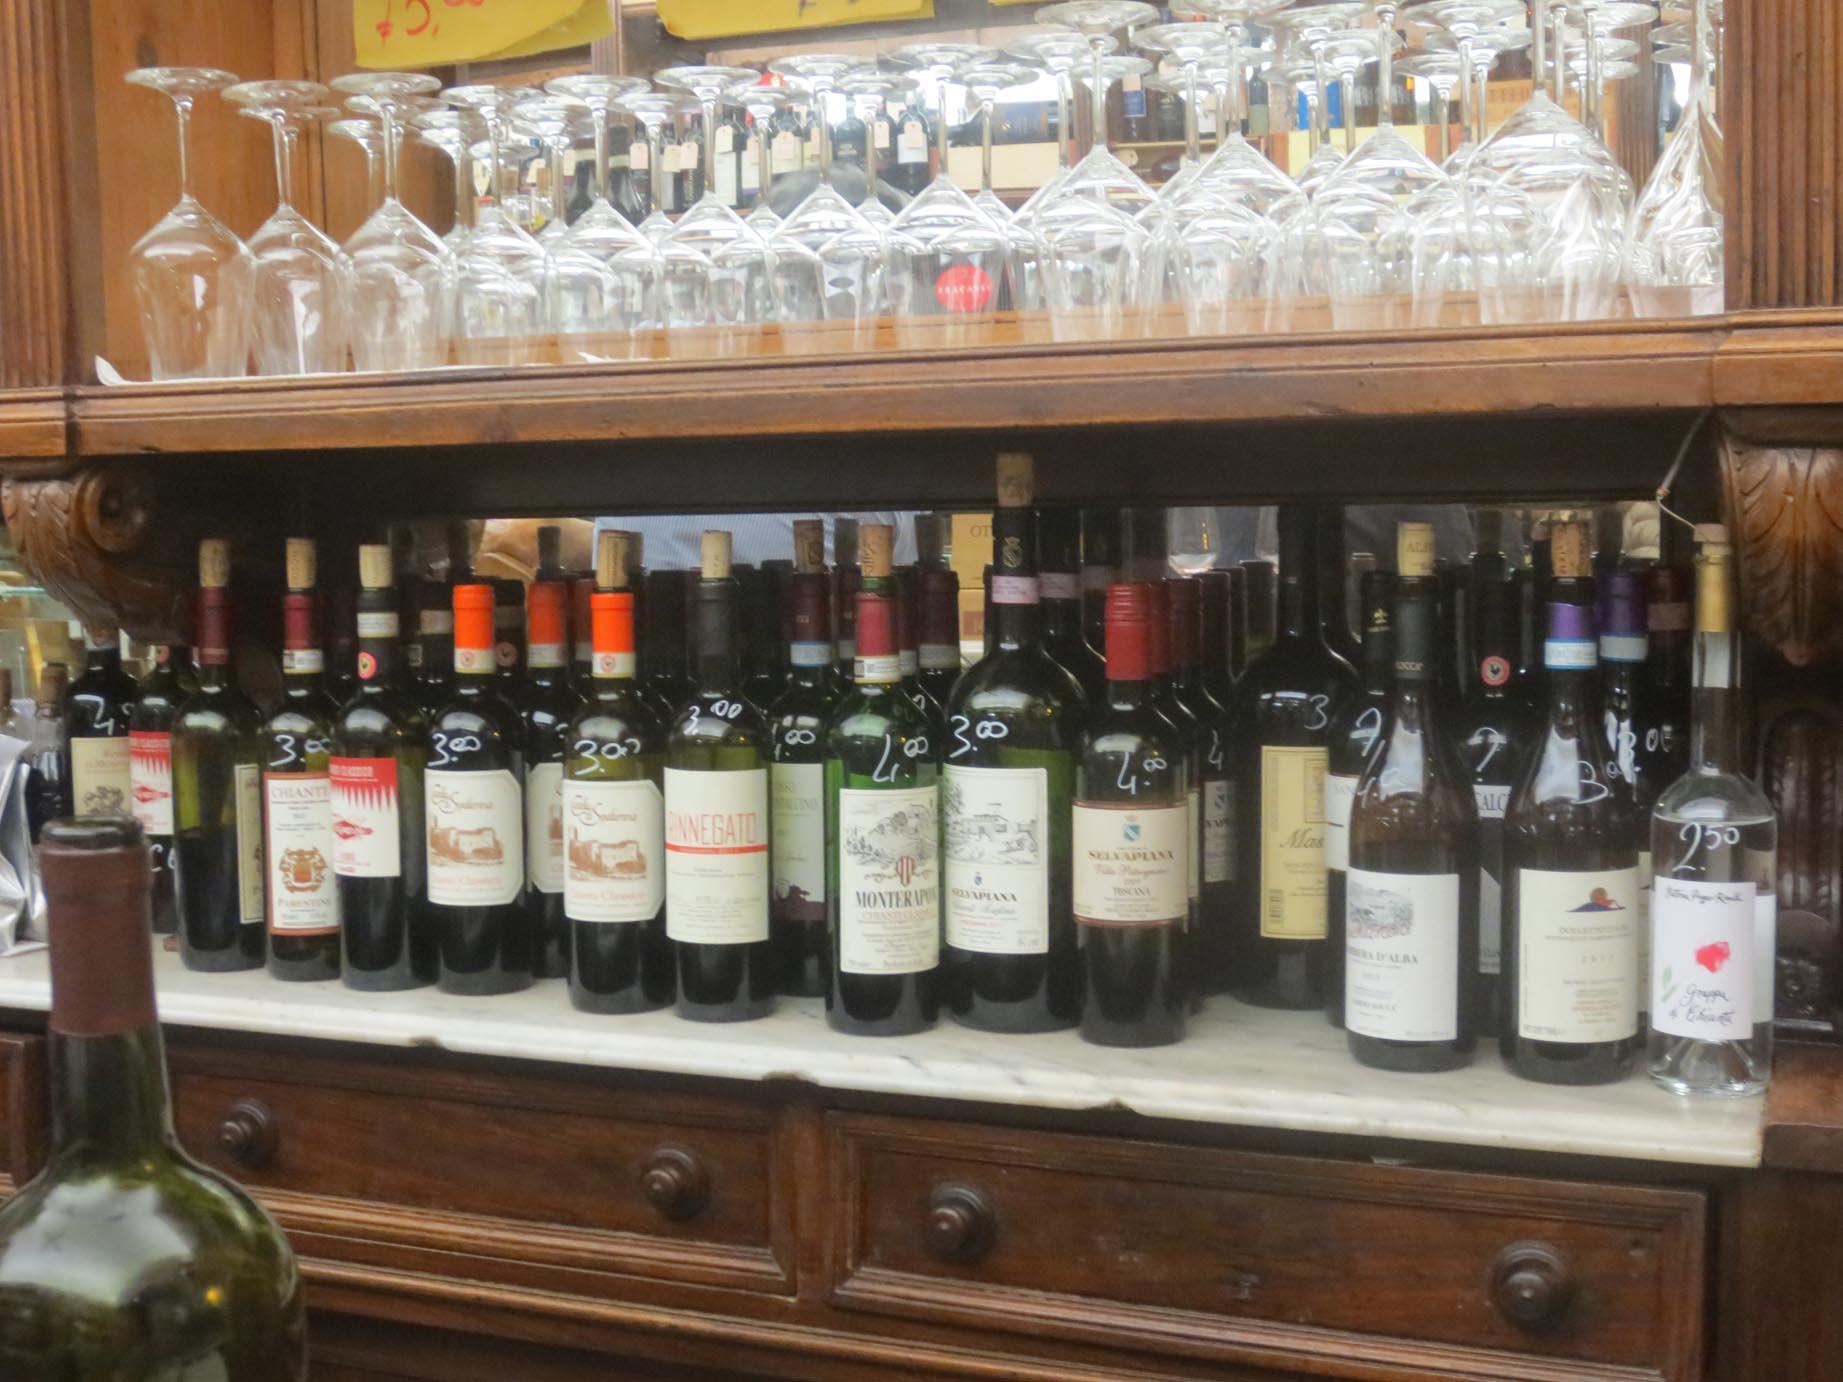 サンロレンツォで美味しいワインとパニーノはここで!!_c0179785_5575163.jpg